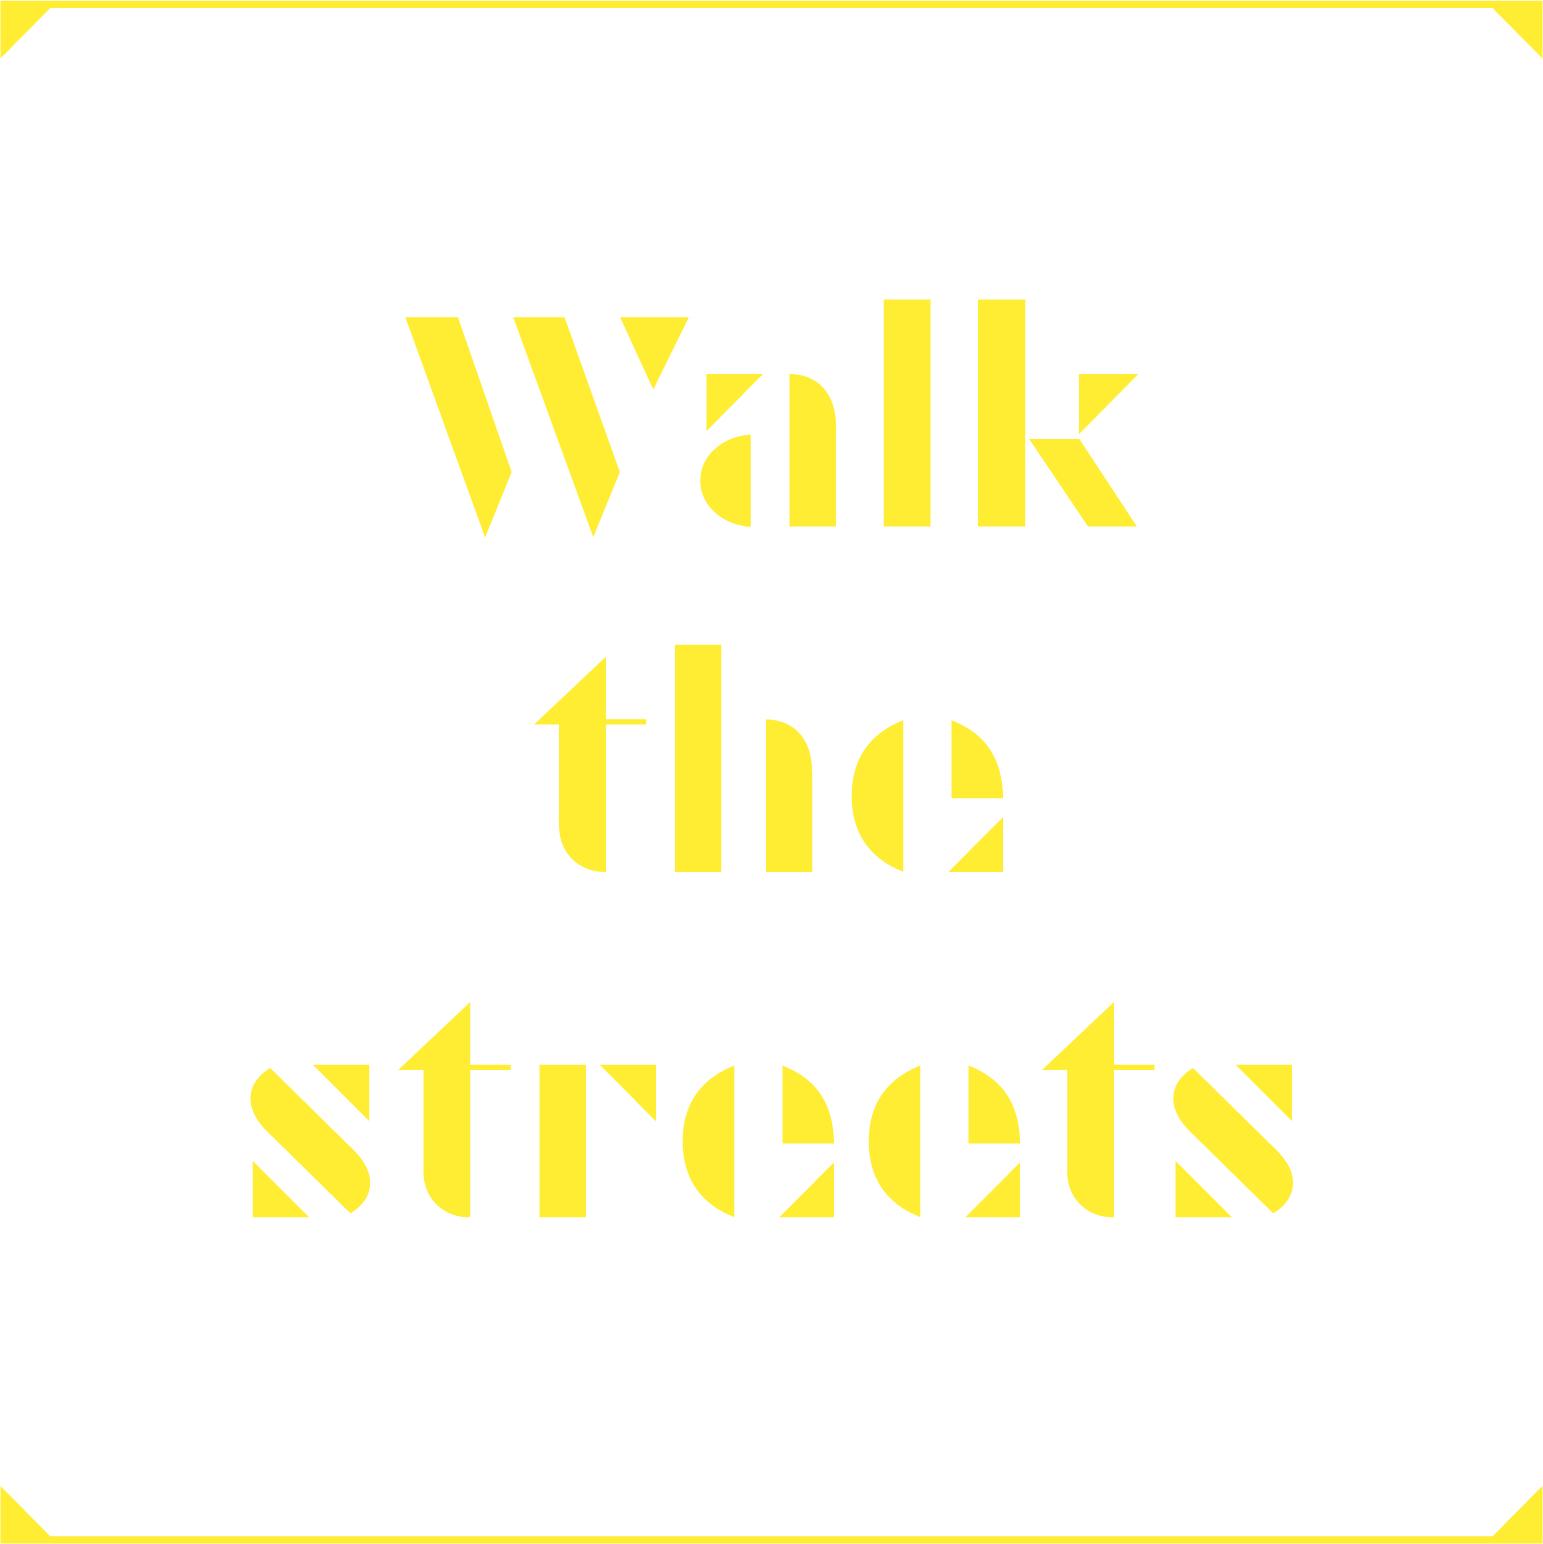 Stitch_Mantra_Walk_Canary_CMYK